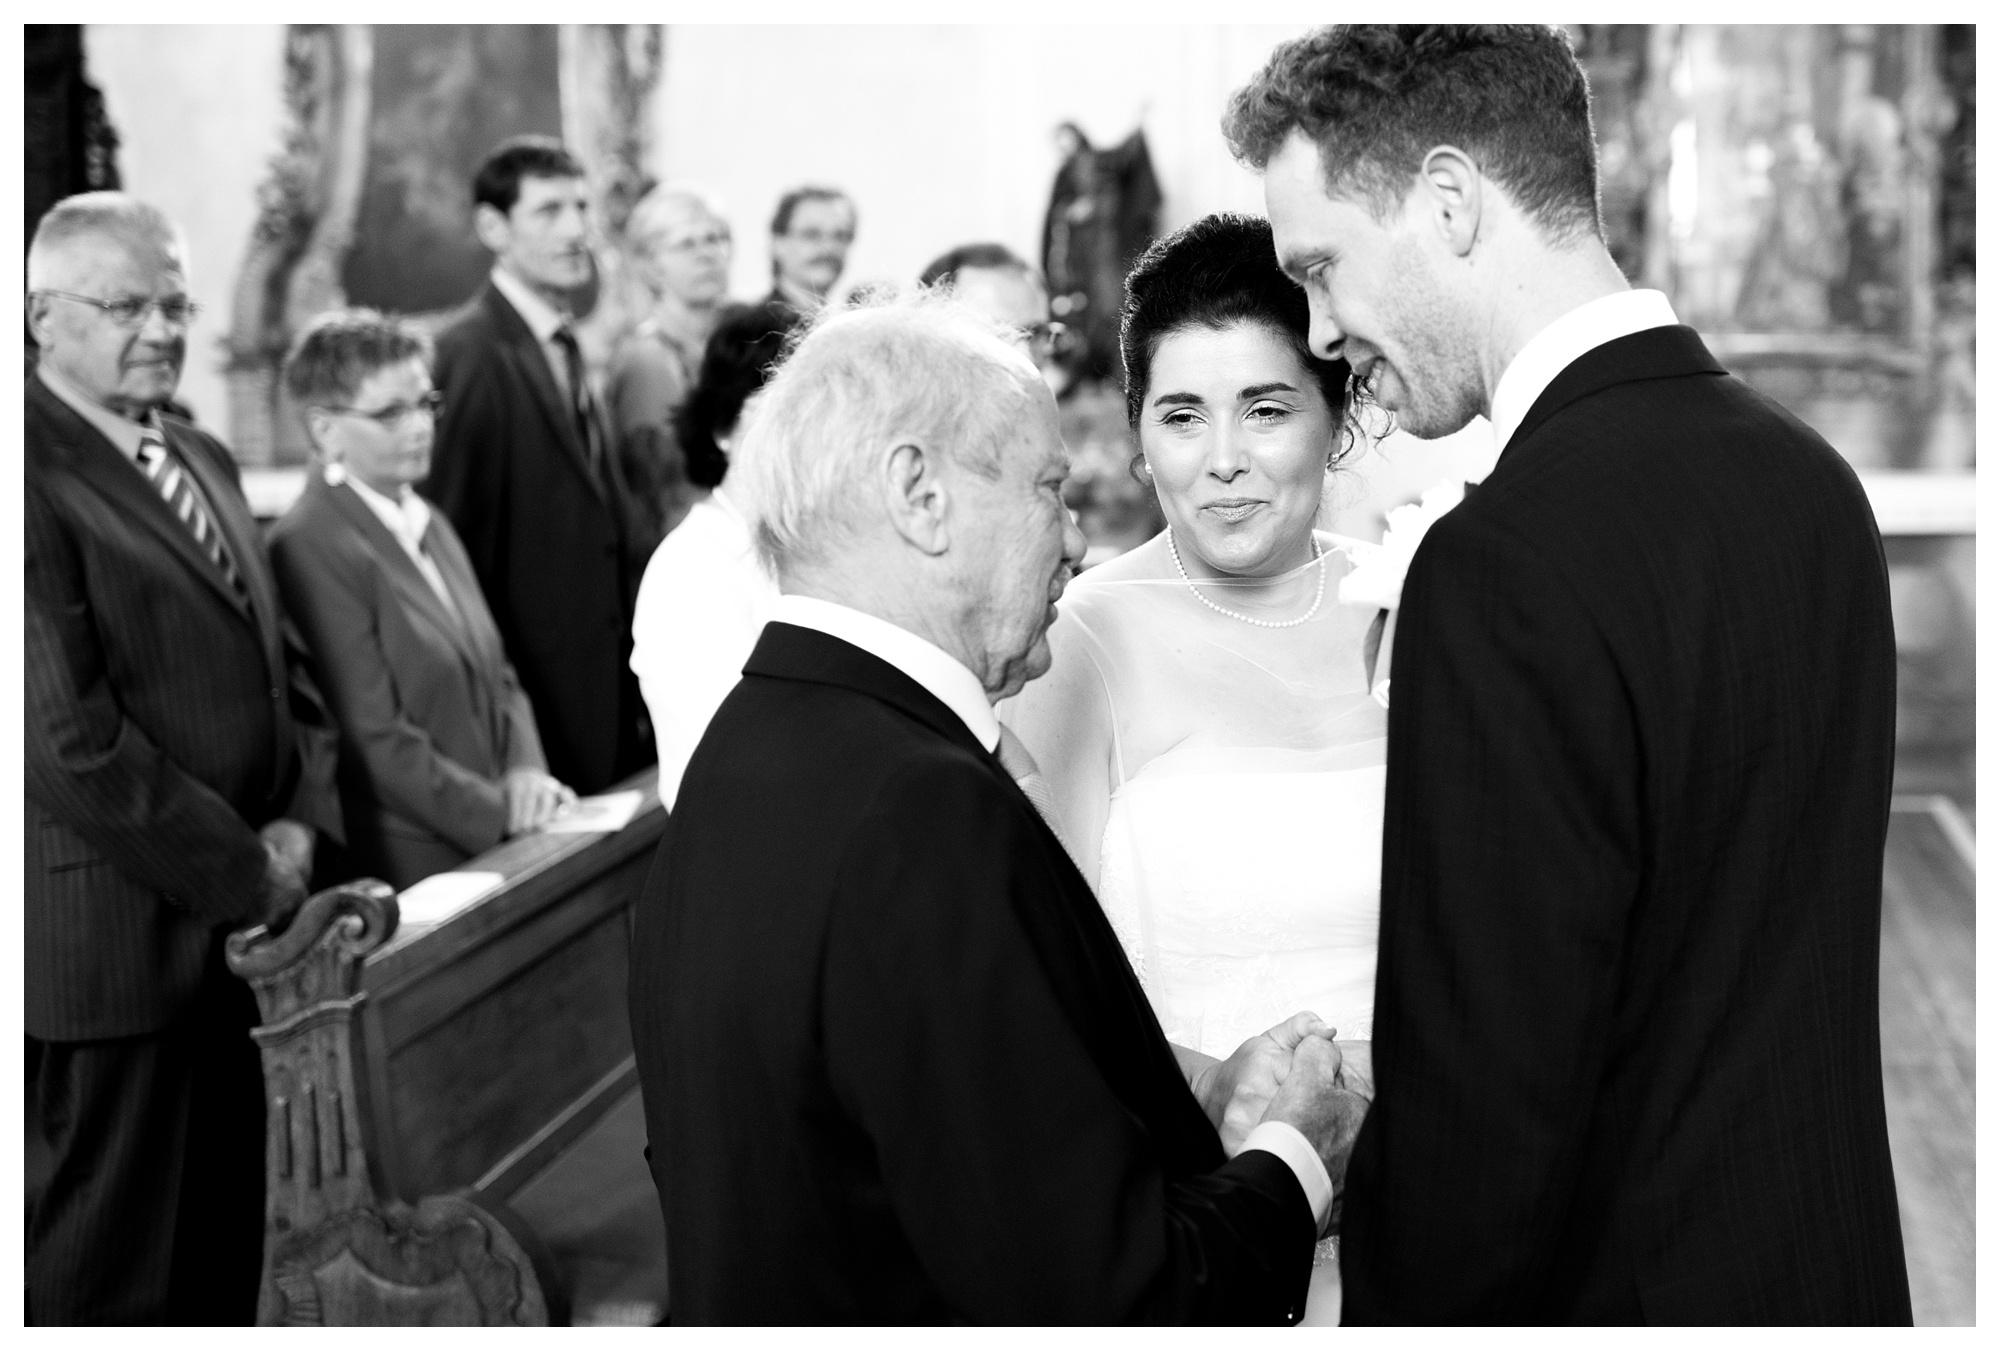 Fotograf Konstanz - Hochzeit Tanja Elmar Elmar Feuerbacher Photography Konstanz Messkirch Highlights 025 - Hochzeitsreportage von Tanja und Elmar im Schloss Meßkirch  - 24 -